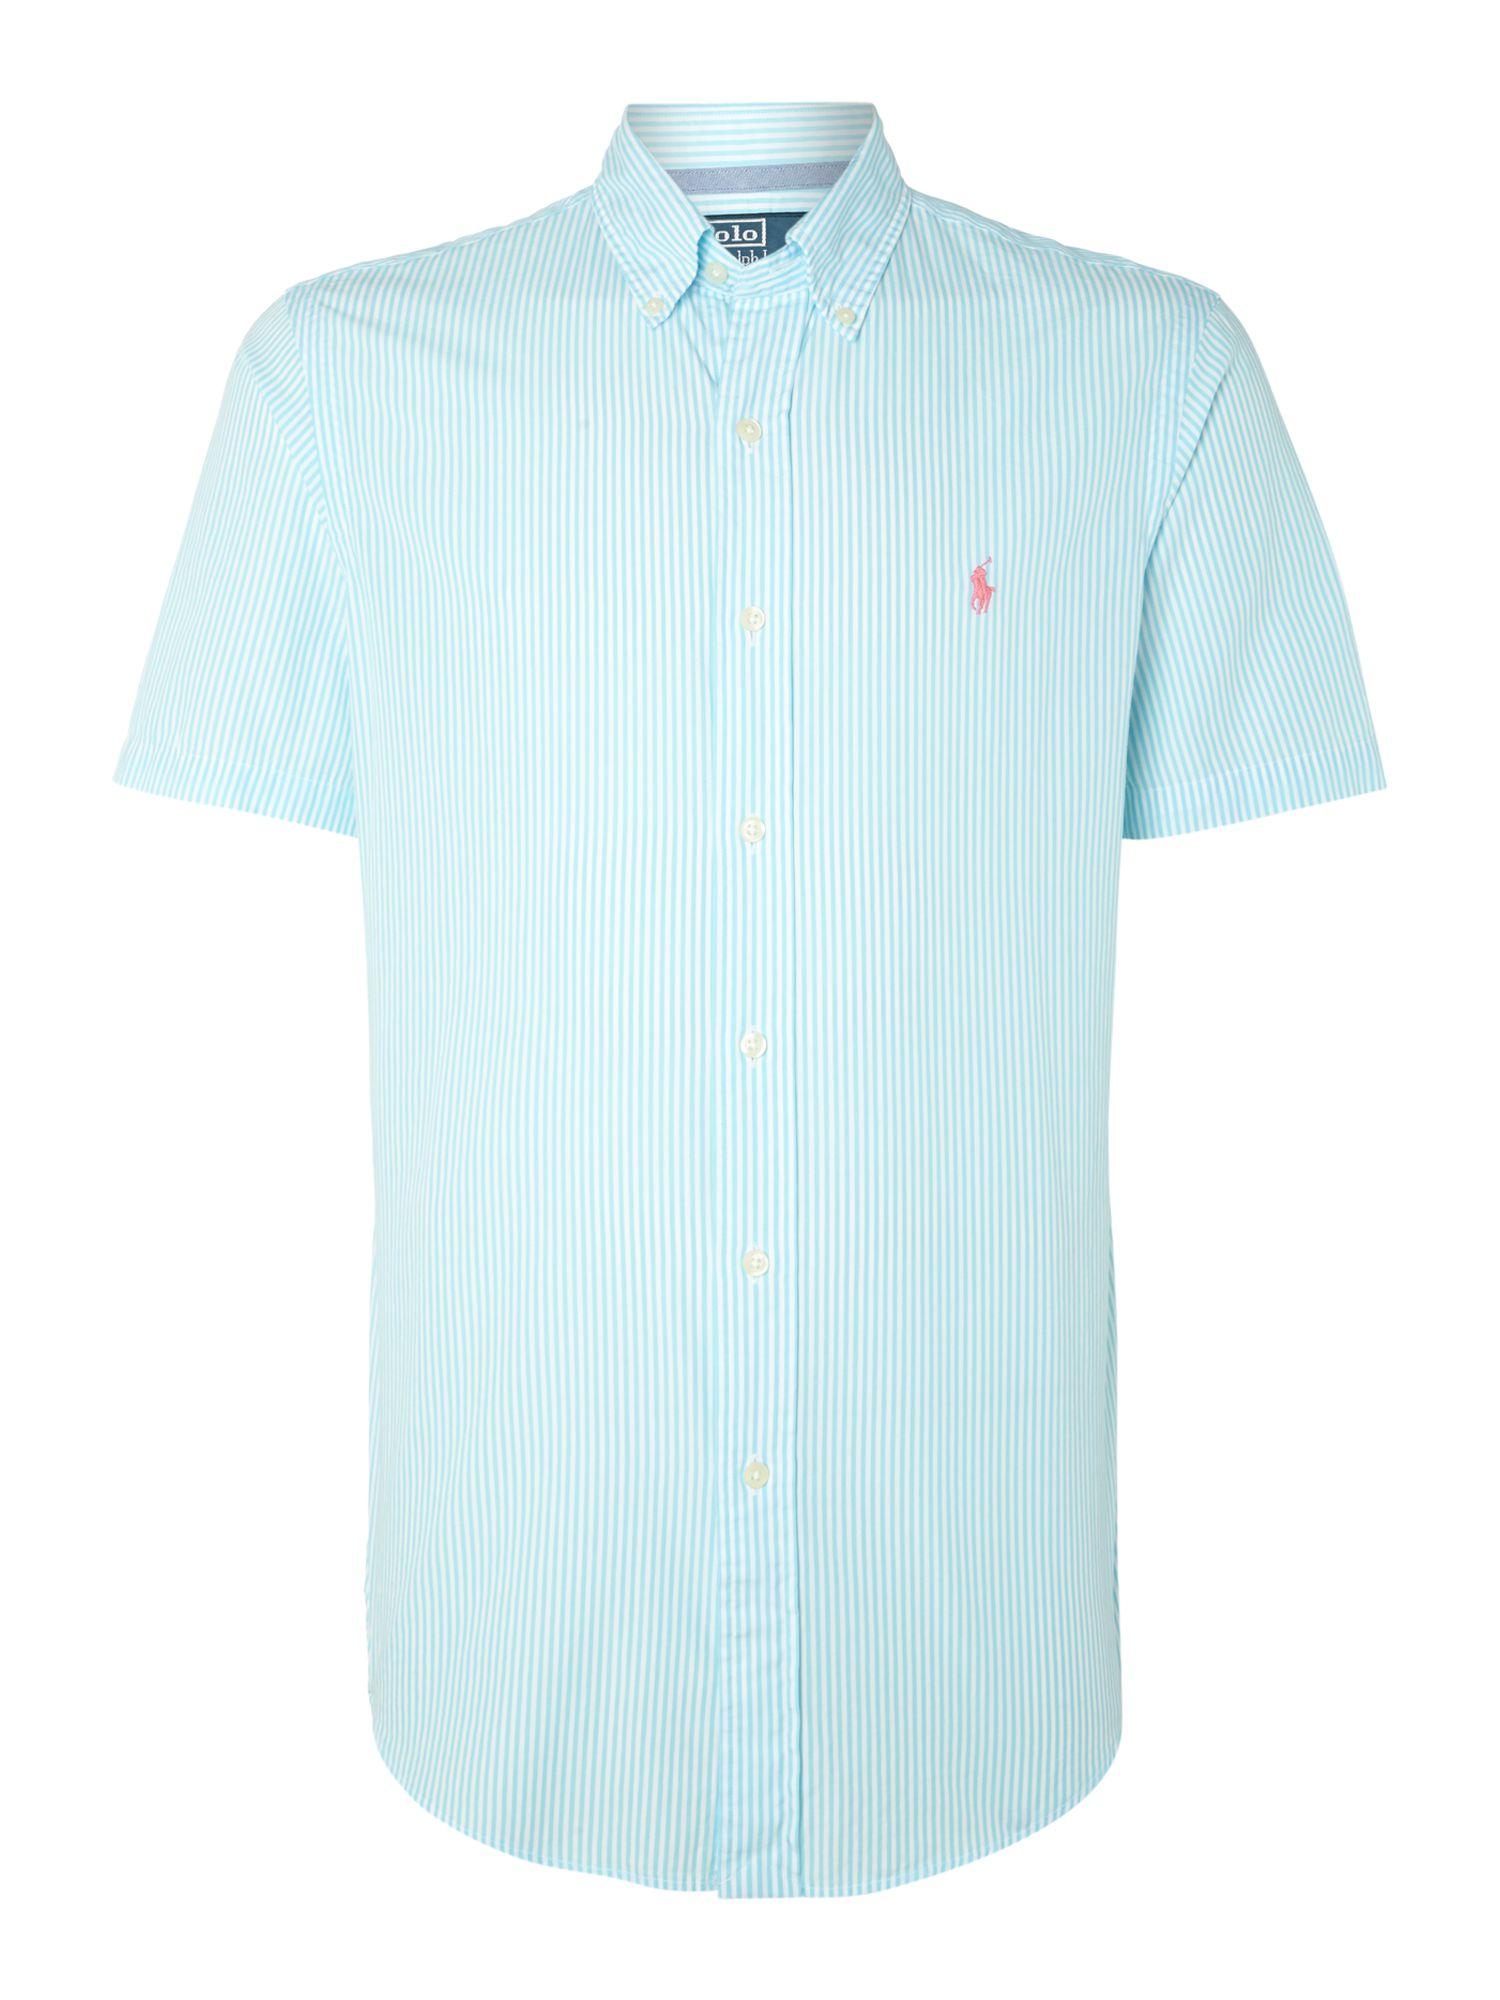 Polo Ralph Lauren Short Sleeve Slim Fit Fine Stripe Shirt in Blue for Men -  Lyst